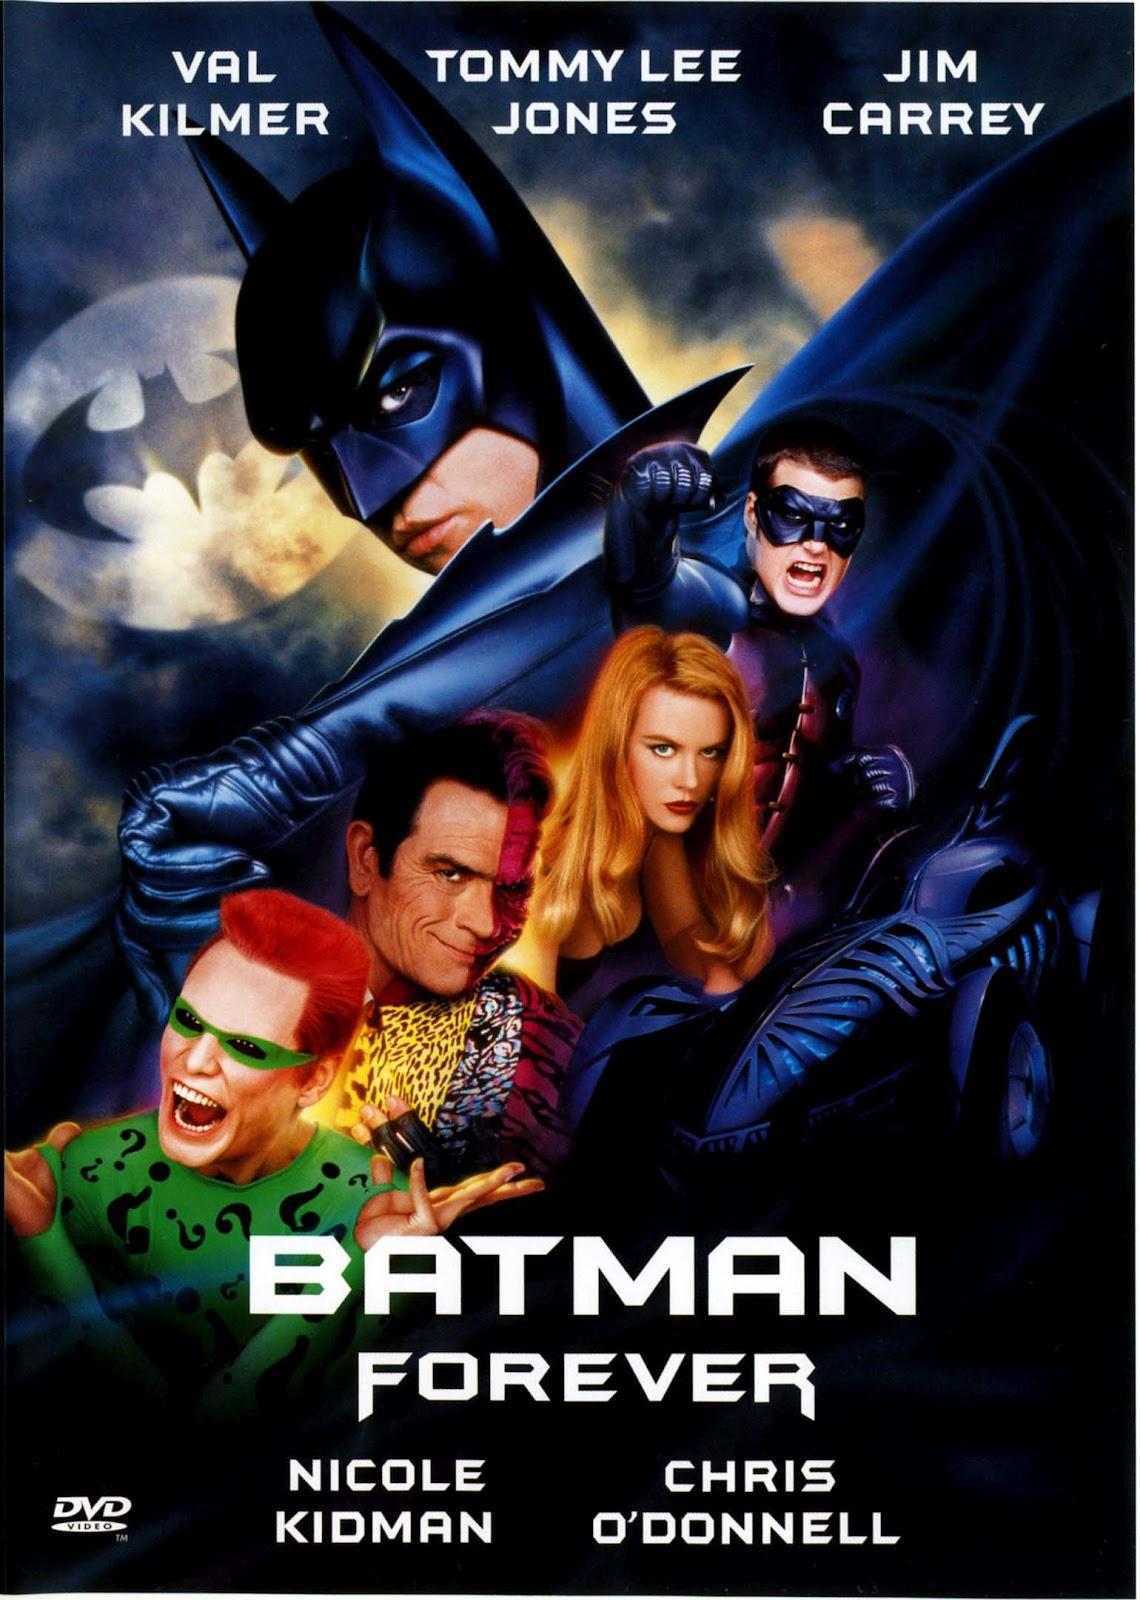 http://2.bp.blogspot.com/-DwMzmiKgIpE/UBcNYfpbPVI/AAAAAAAABYg/f7z_mXy8qt8/s1600/Batman+Forever.jpg